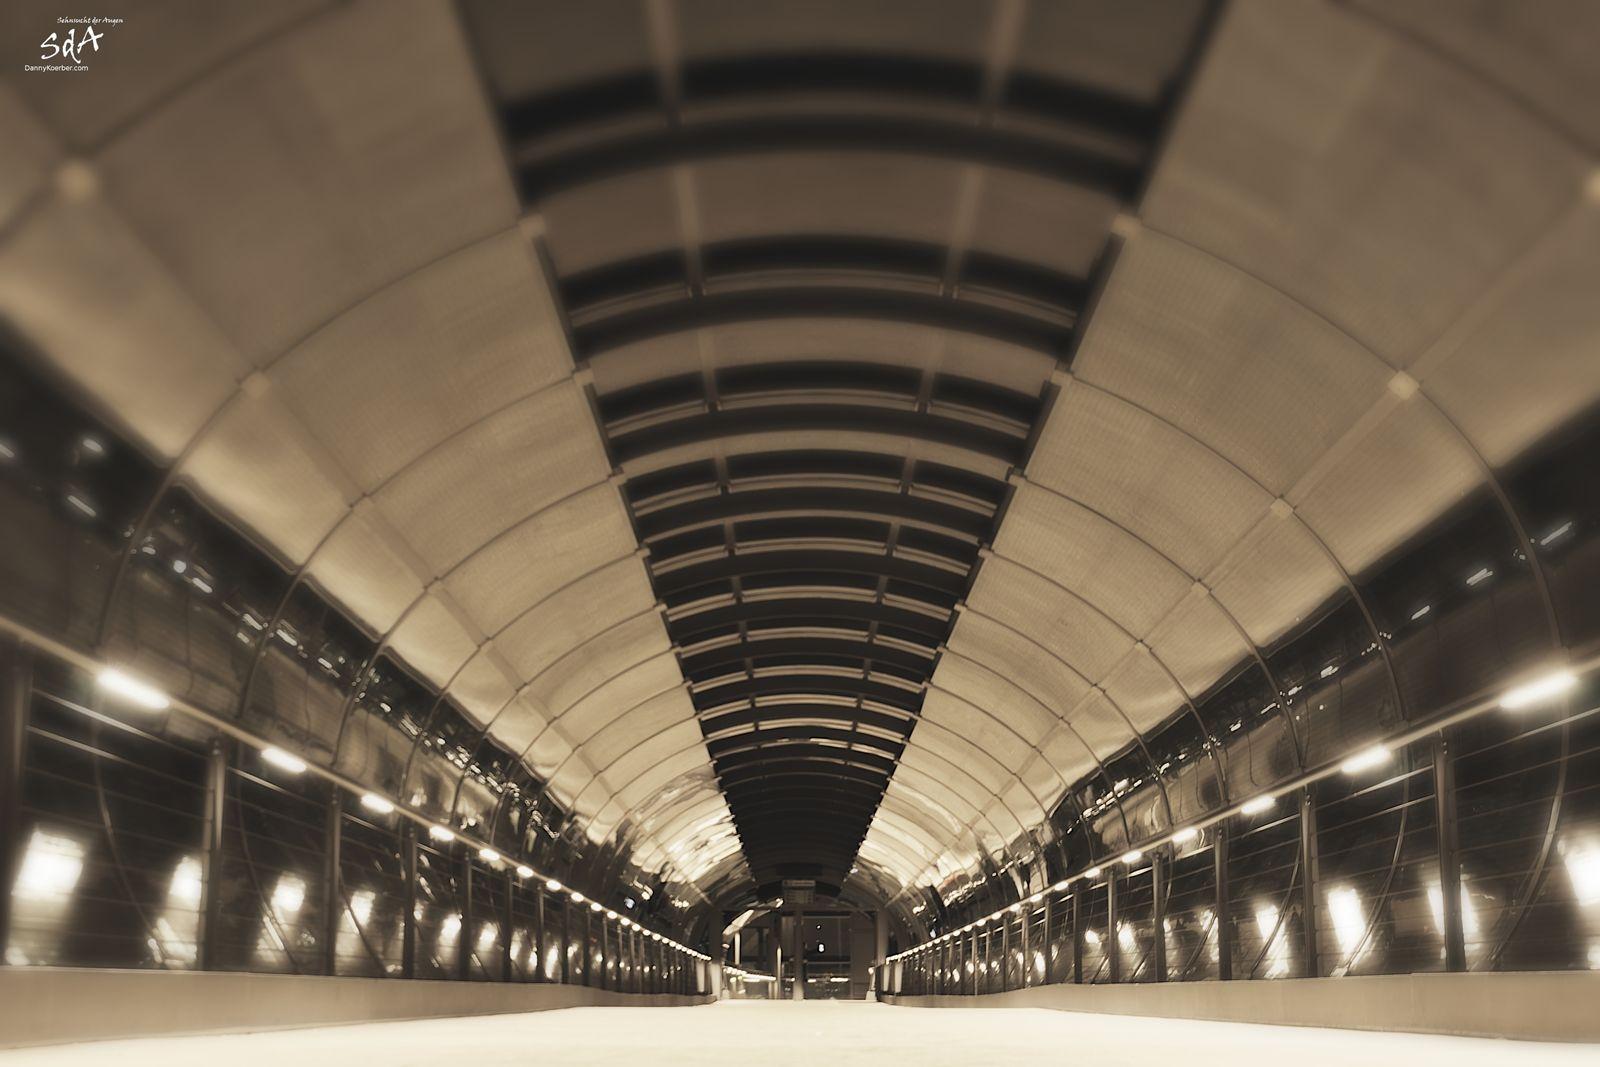 Brücke an der Bahnstrecke , fotografiert von Danny Koerber für Architektur von Sehnsucht der Augen.